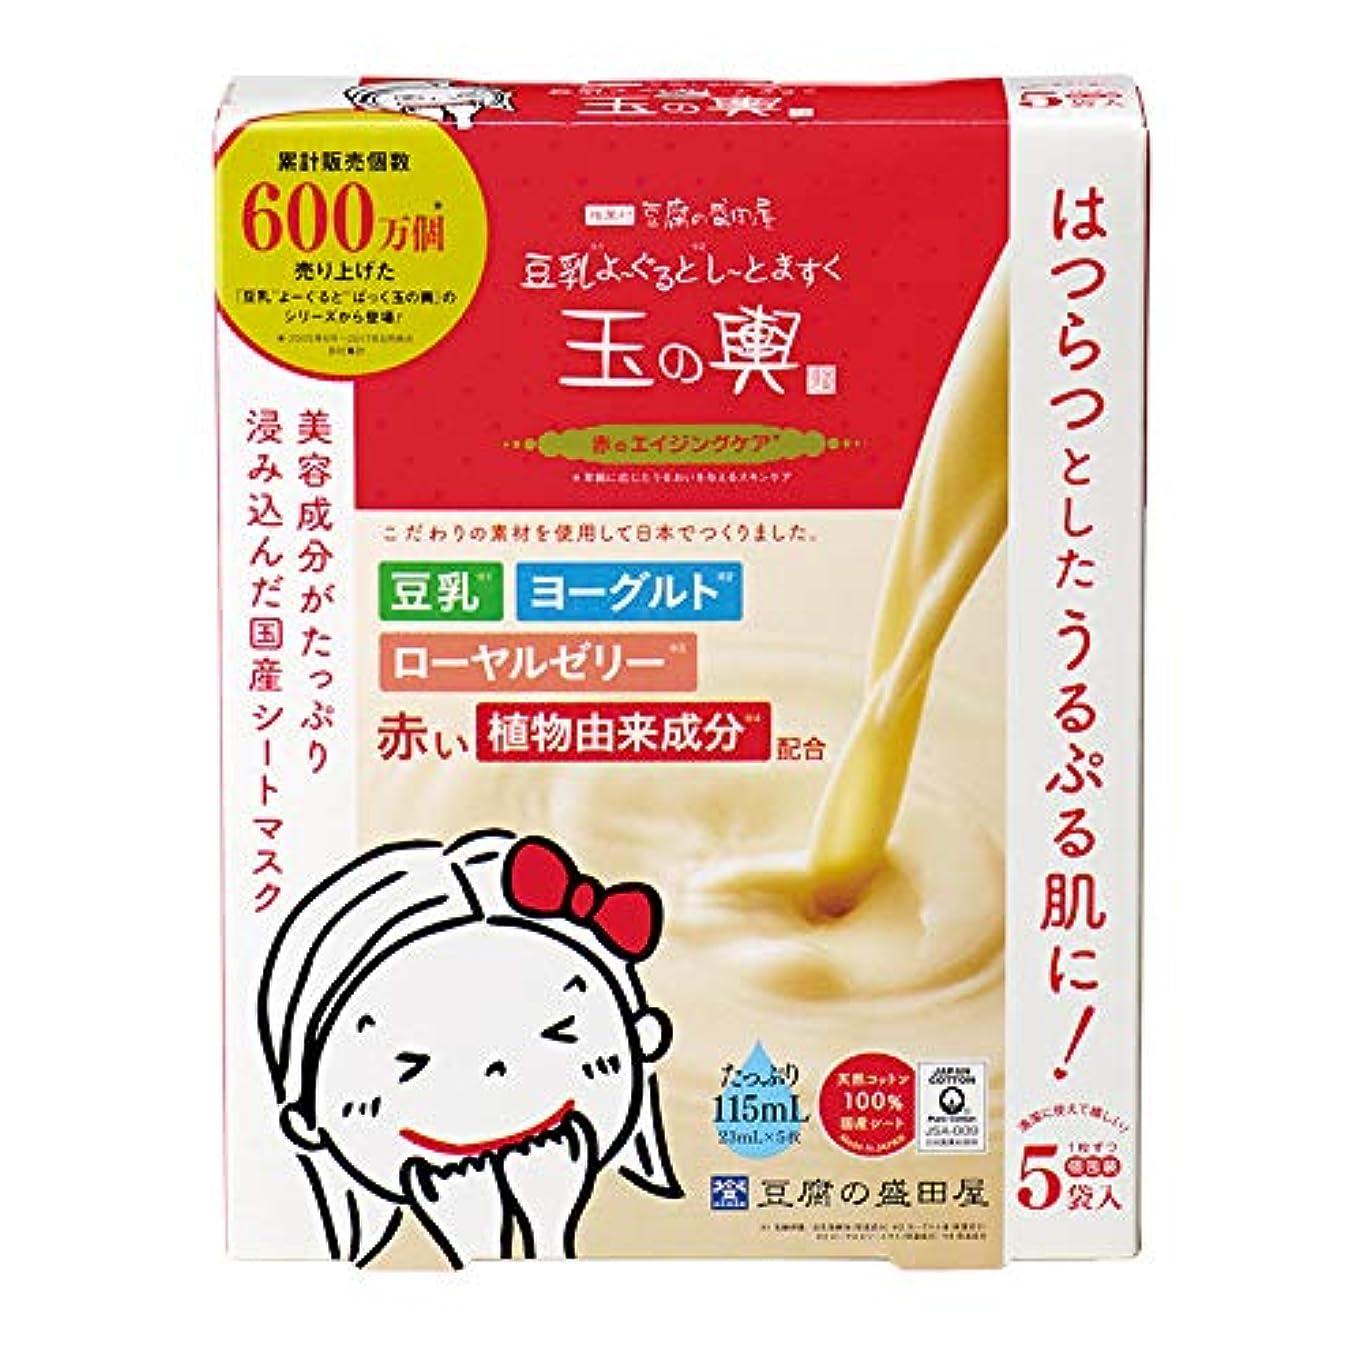 姿を消すキャラクター純度豆腐の盛田屋 豆乳よーぐるとしーとますく 玉の輿〈赤のエイジングケア〉23mL×5枚